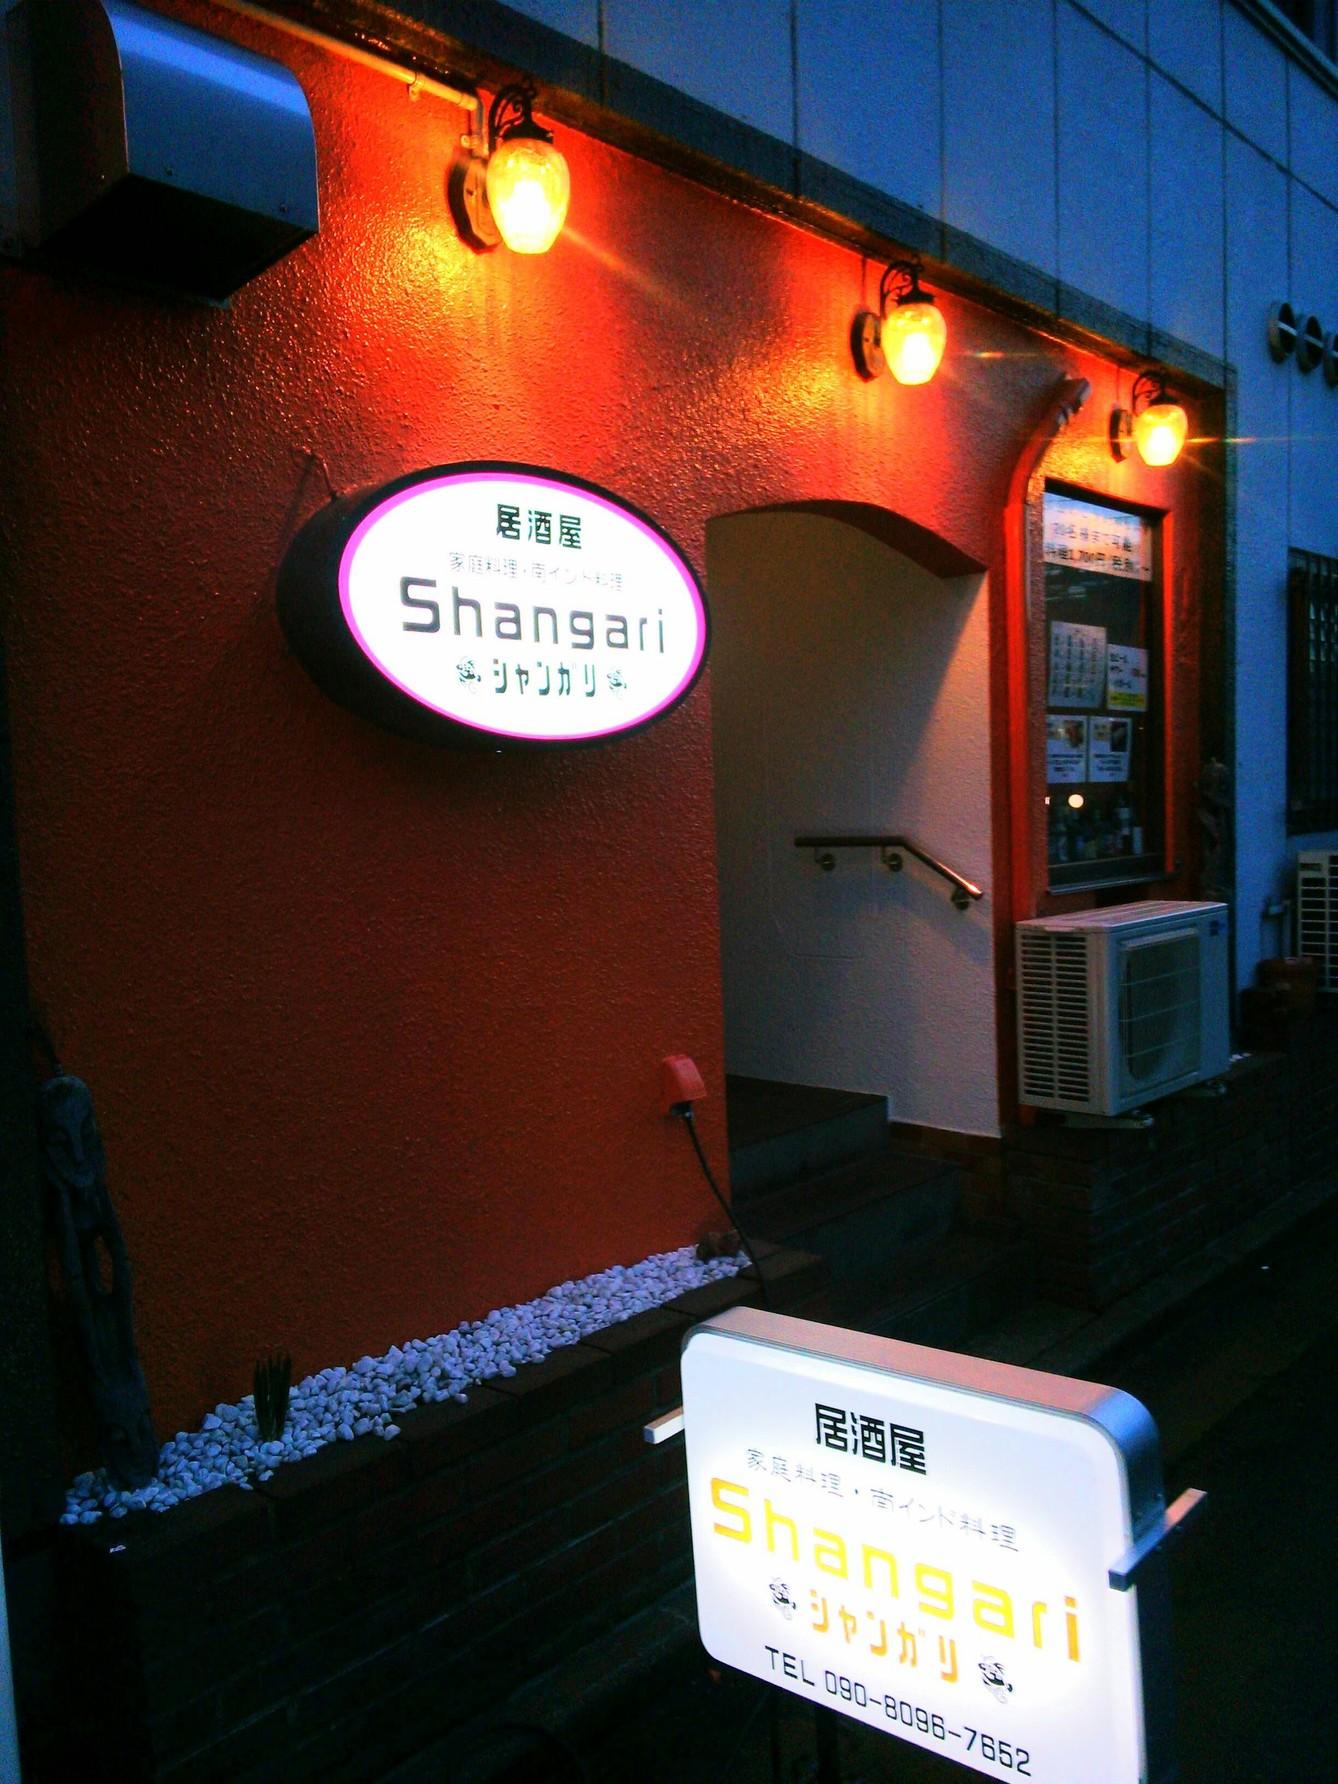 Shangari